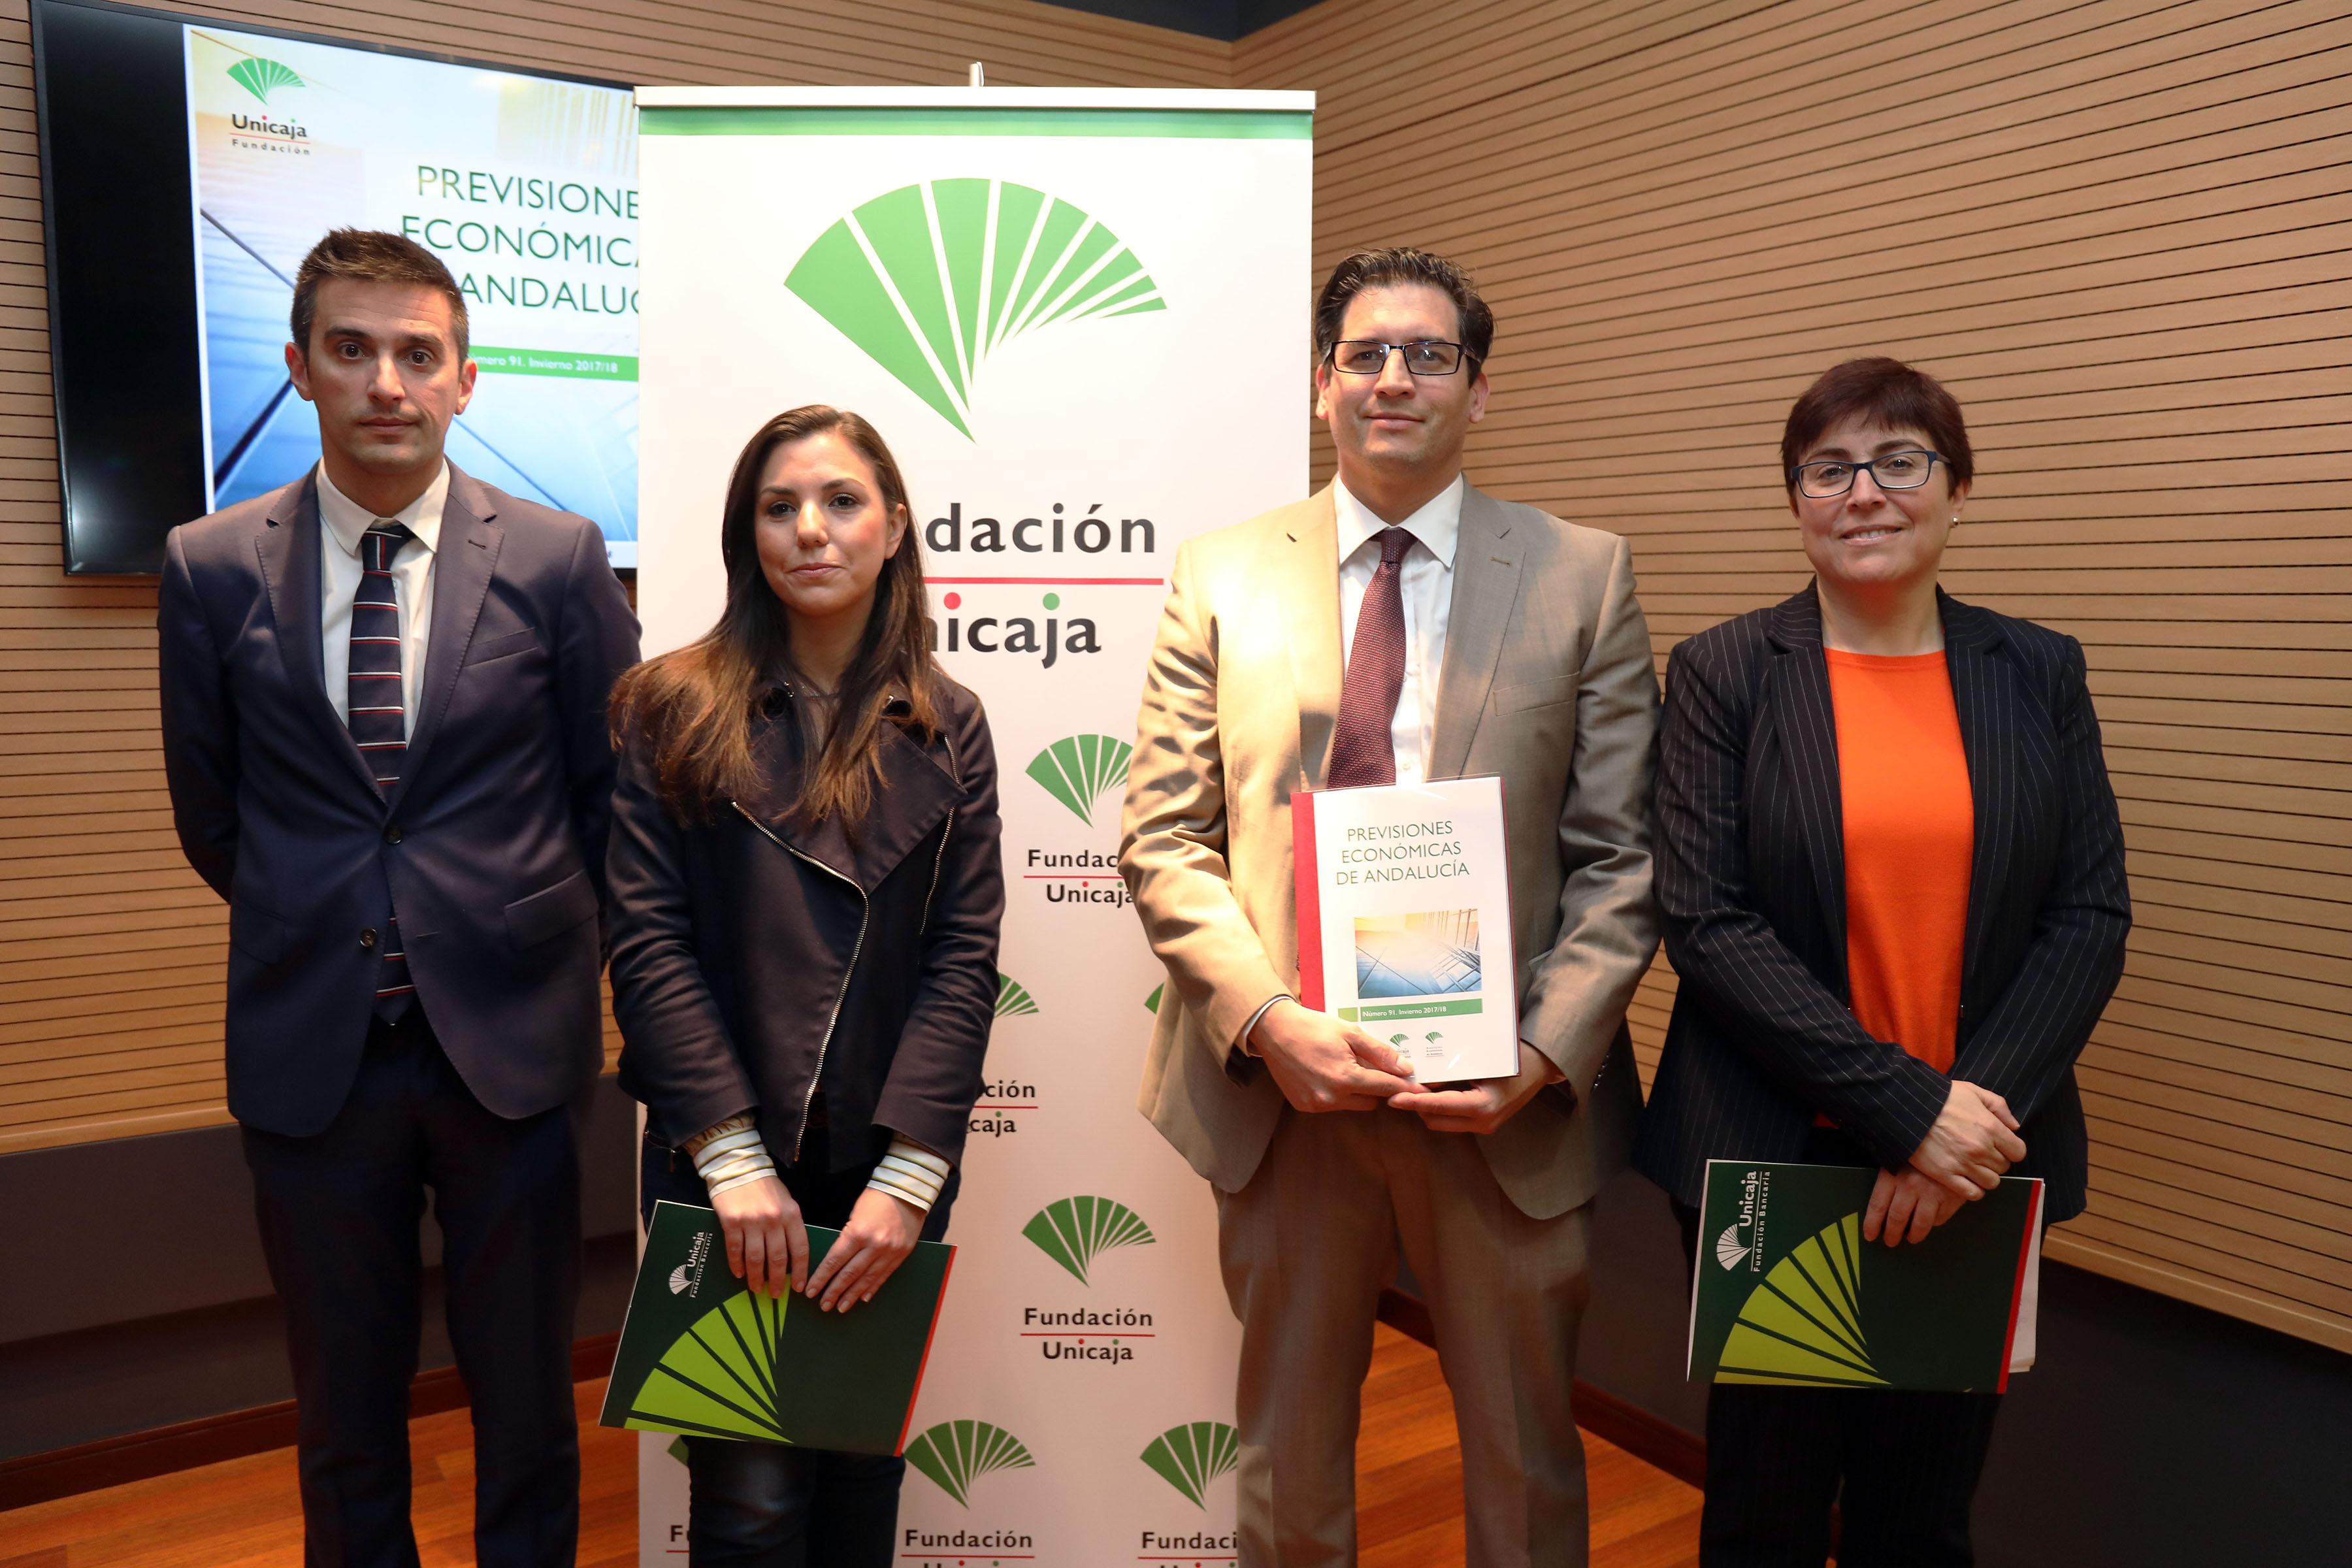 Según Analistas Económicos de Andalucía la economía española continúa registrando tasas de crecimiento de producción superiores al 3 por ciento en términos interanuales, apoyada en la demanda interna